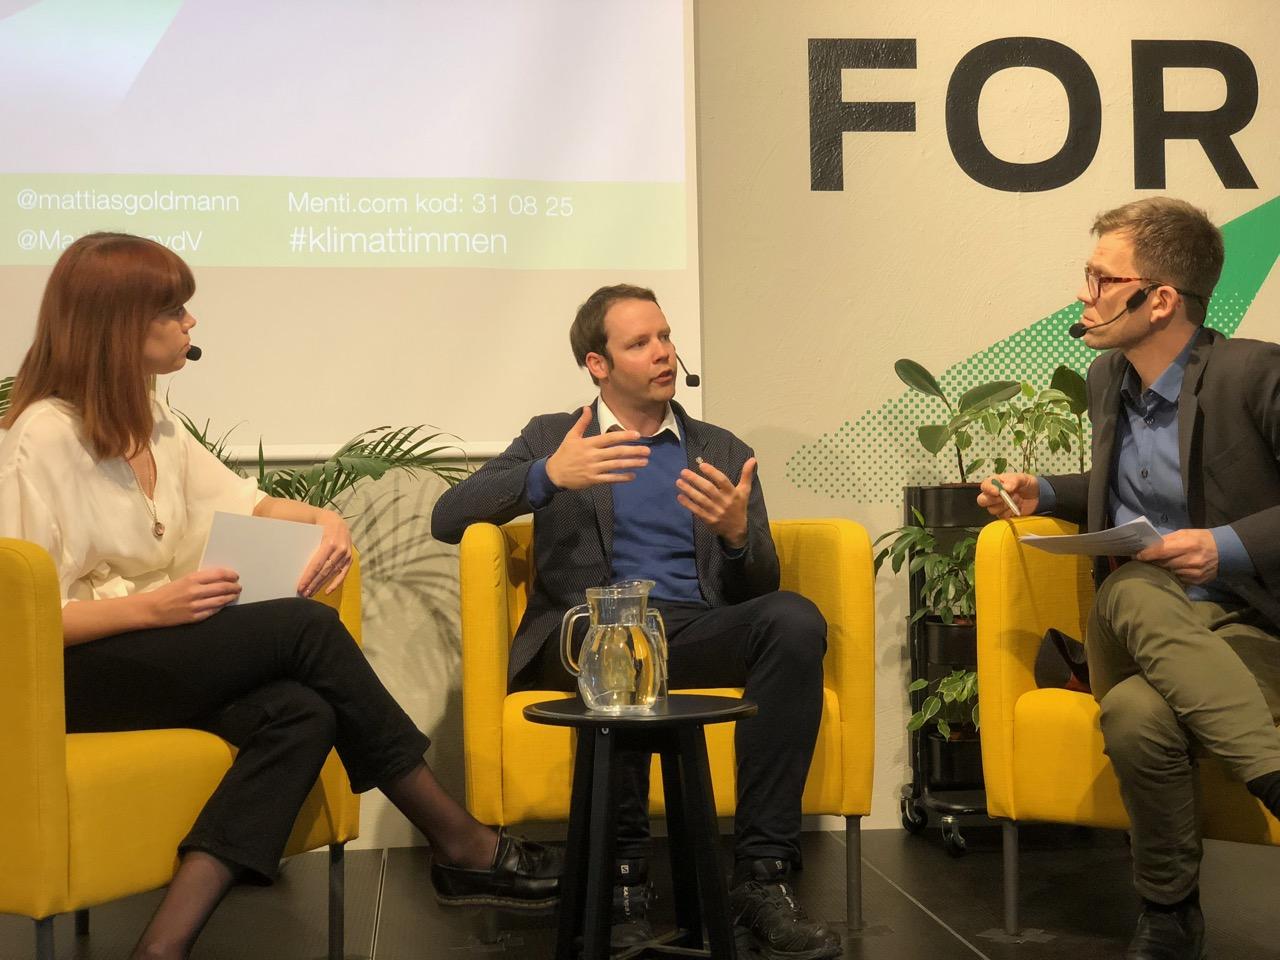 You are currently viewing FORES KLIMATTIMMEN – Rickard Nordin energi- och klimatpolitisk talesperson för Centerpartiet frågas ut